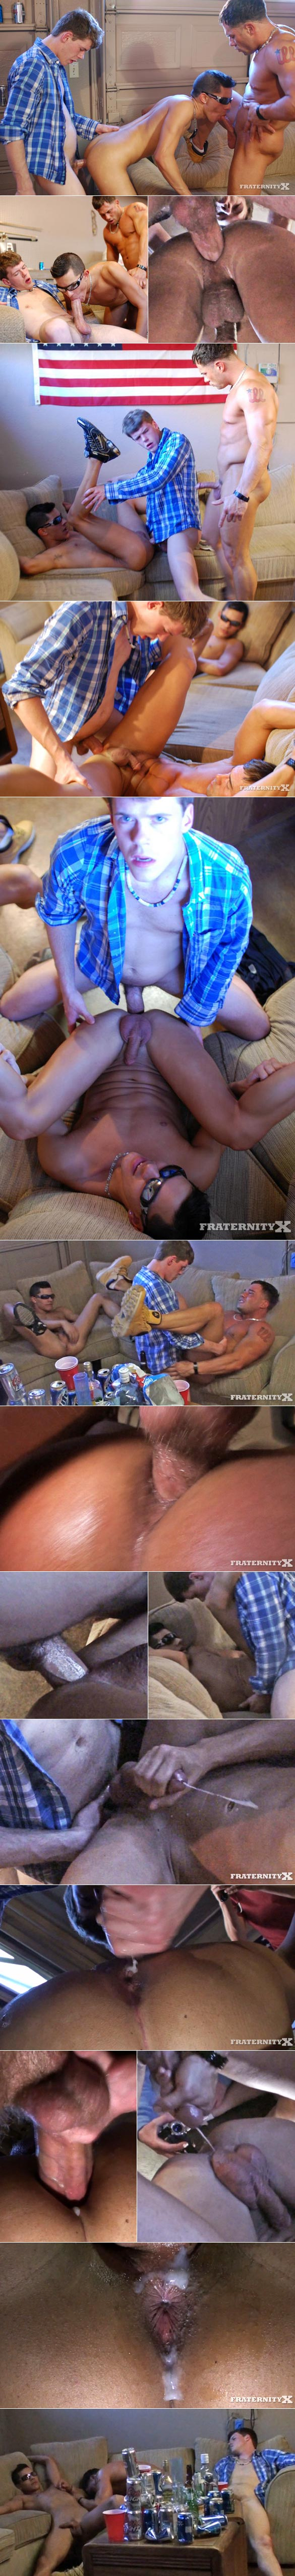 """FraternityX: """"Breed Pretty Boy Hole"""""""